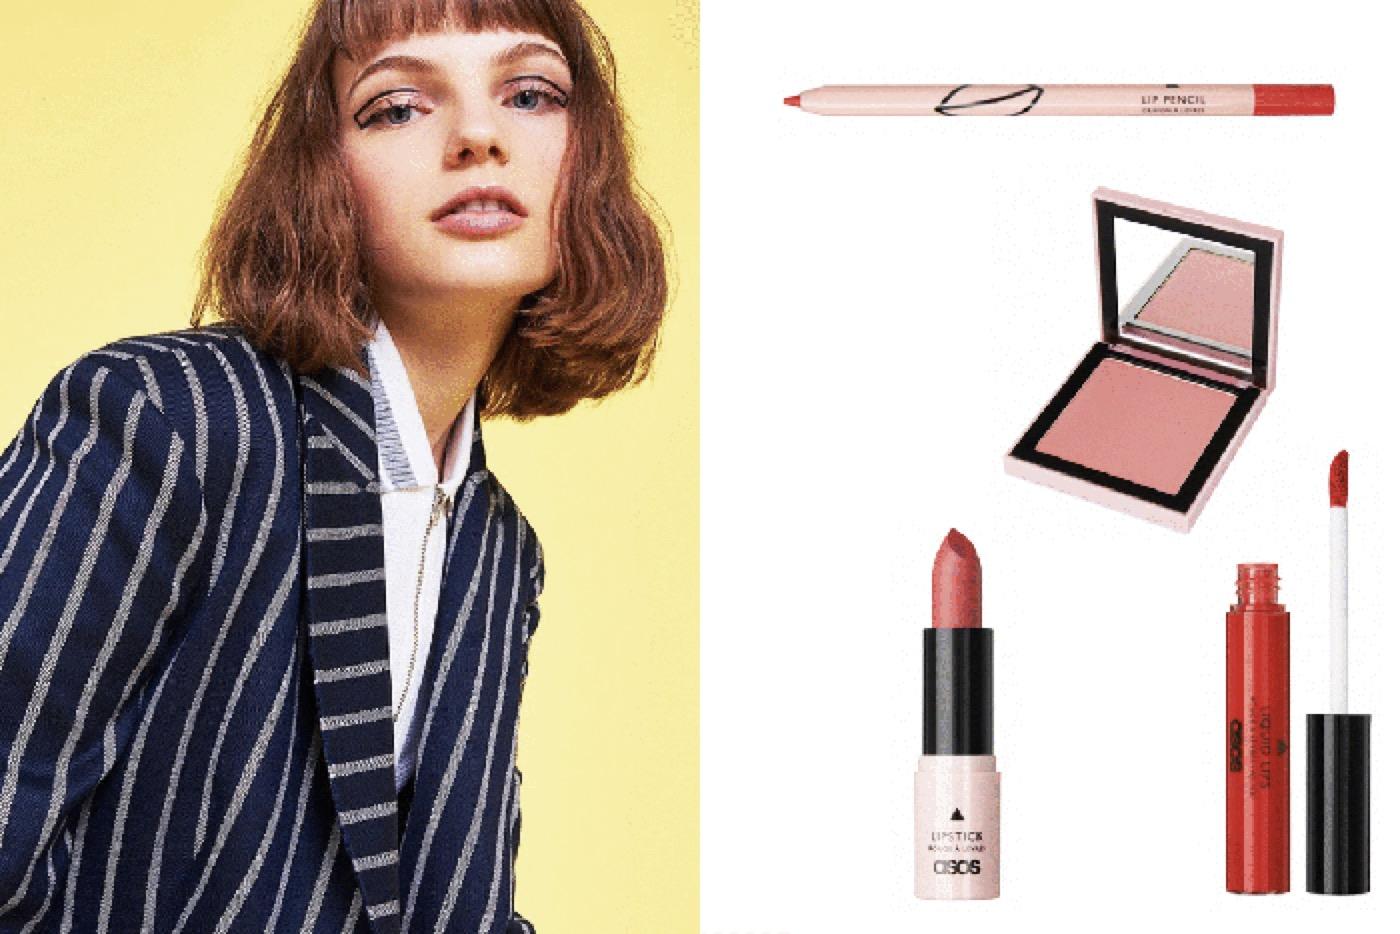 少女快时尚品牌 ASOS 推出化妆品副线